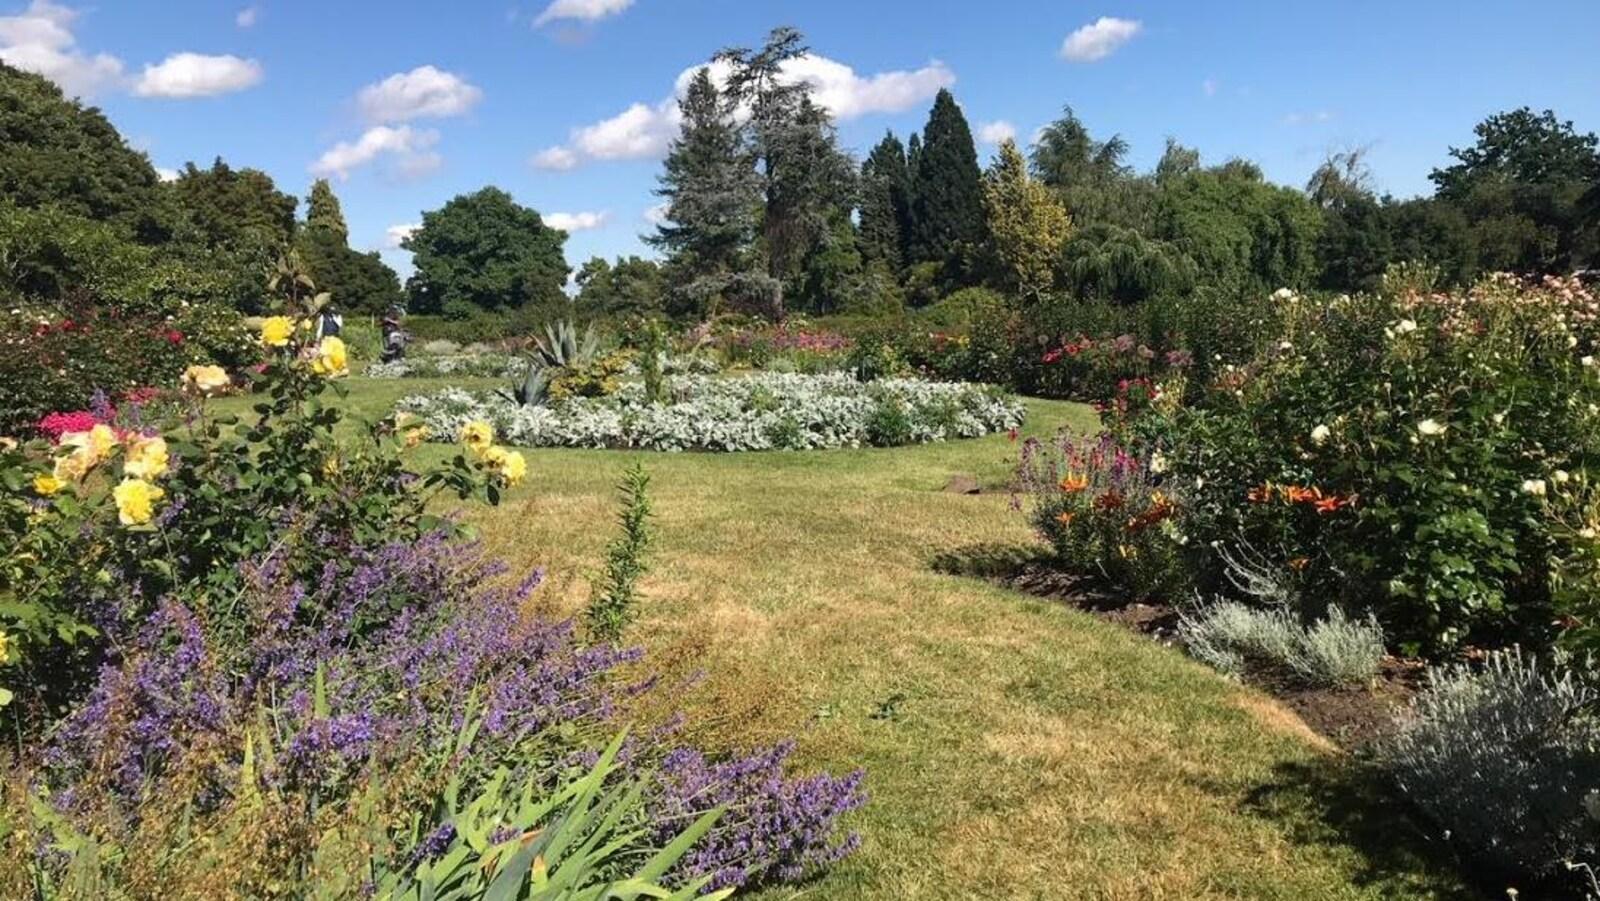 De nombreuses variétés de fleurs et de plantes dans un jardin public par une journée ensoleillée.